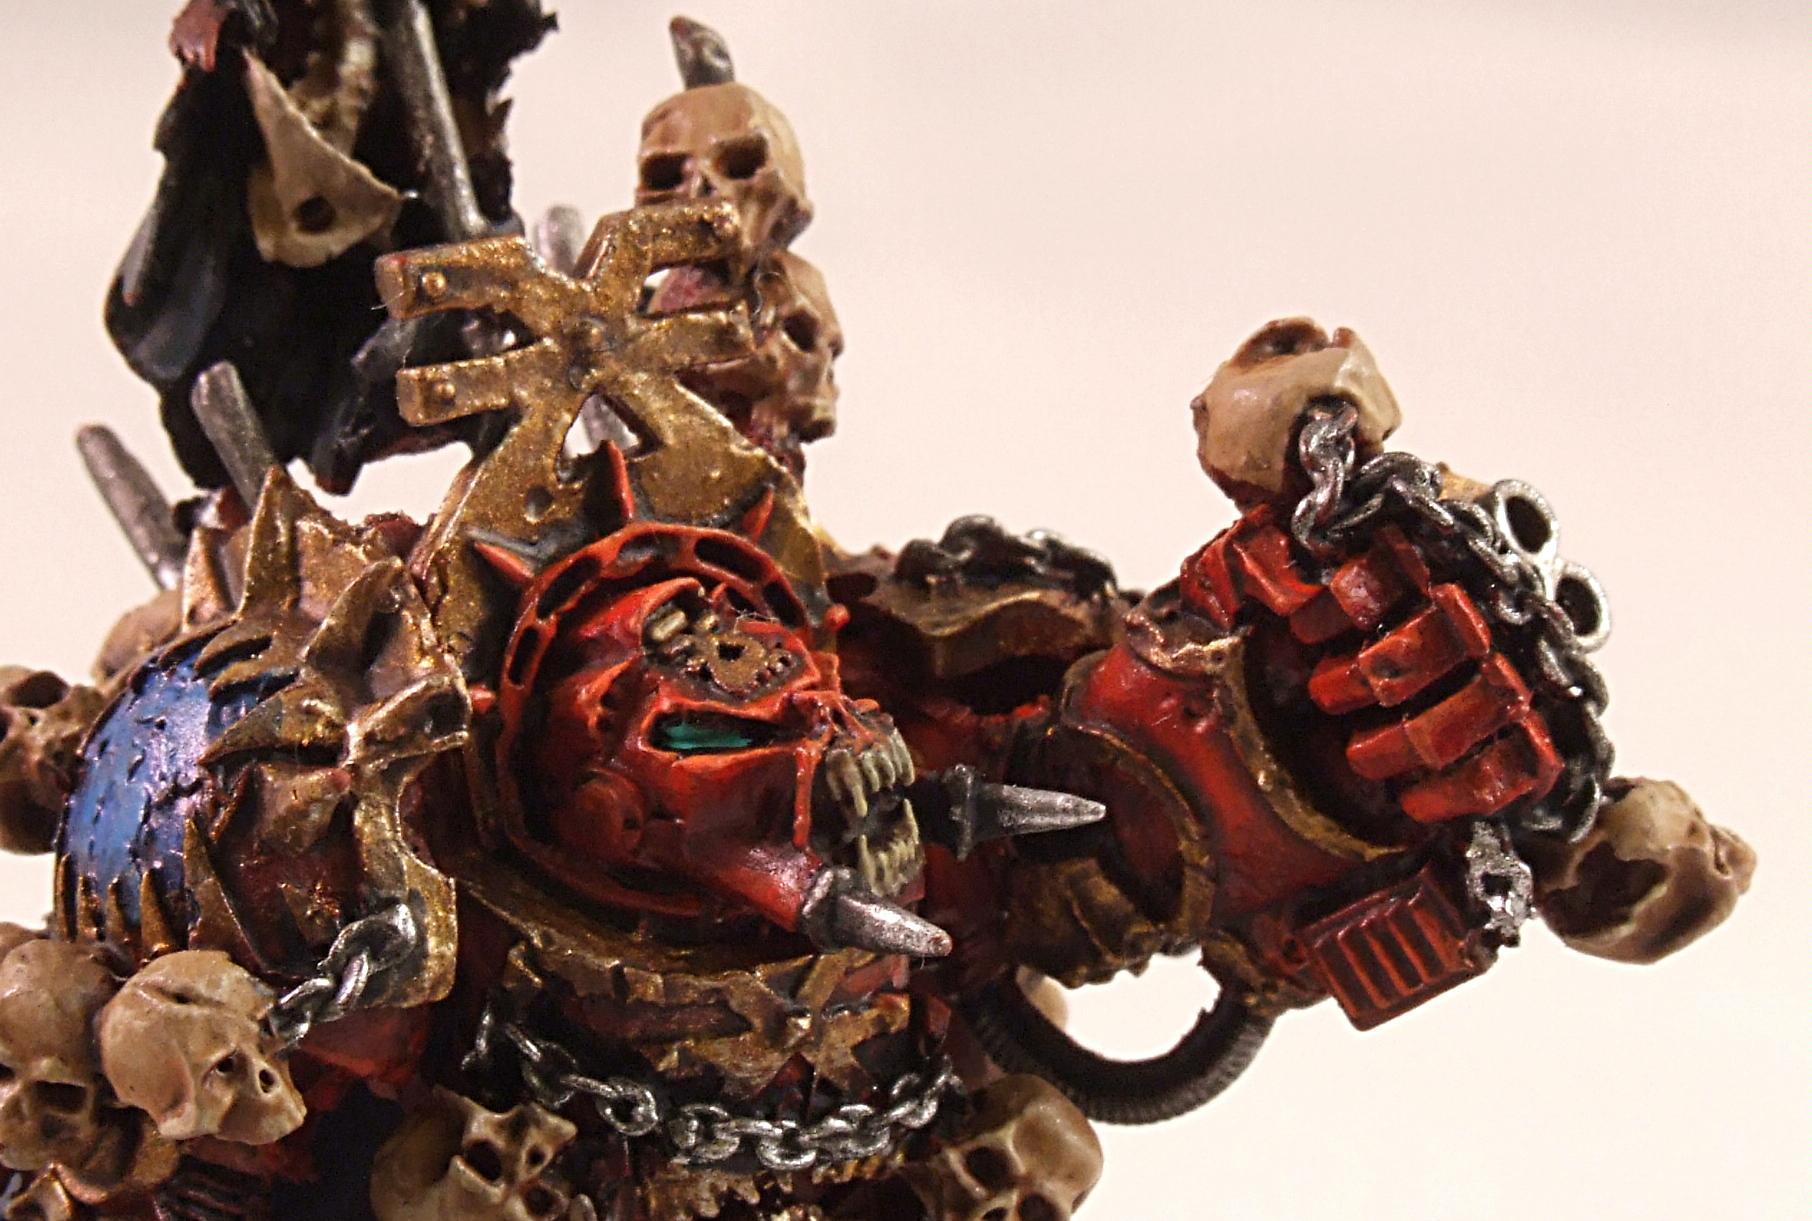 Chaos, Chaos Space Marines, Forge World, Khorne, Khorne Beserker, Terminator Armor, Warhammer 40,000, World Eaters, Zhufor